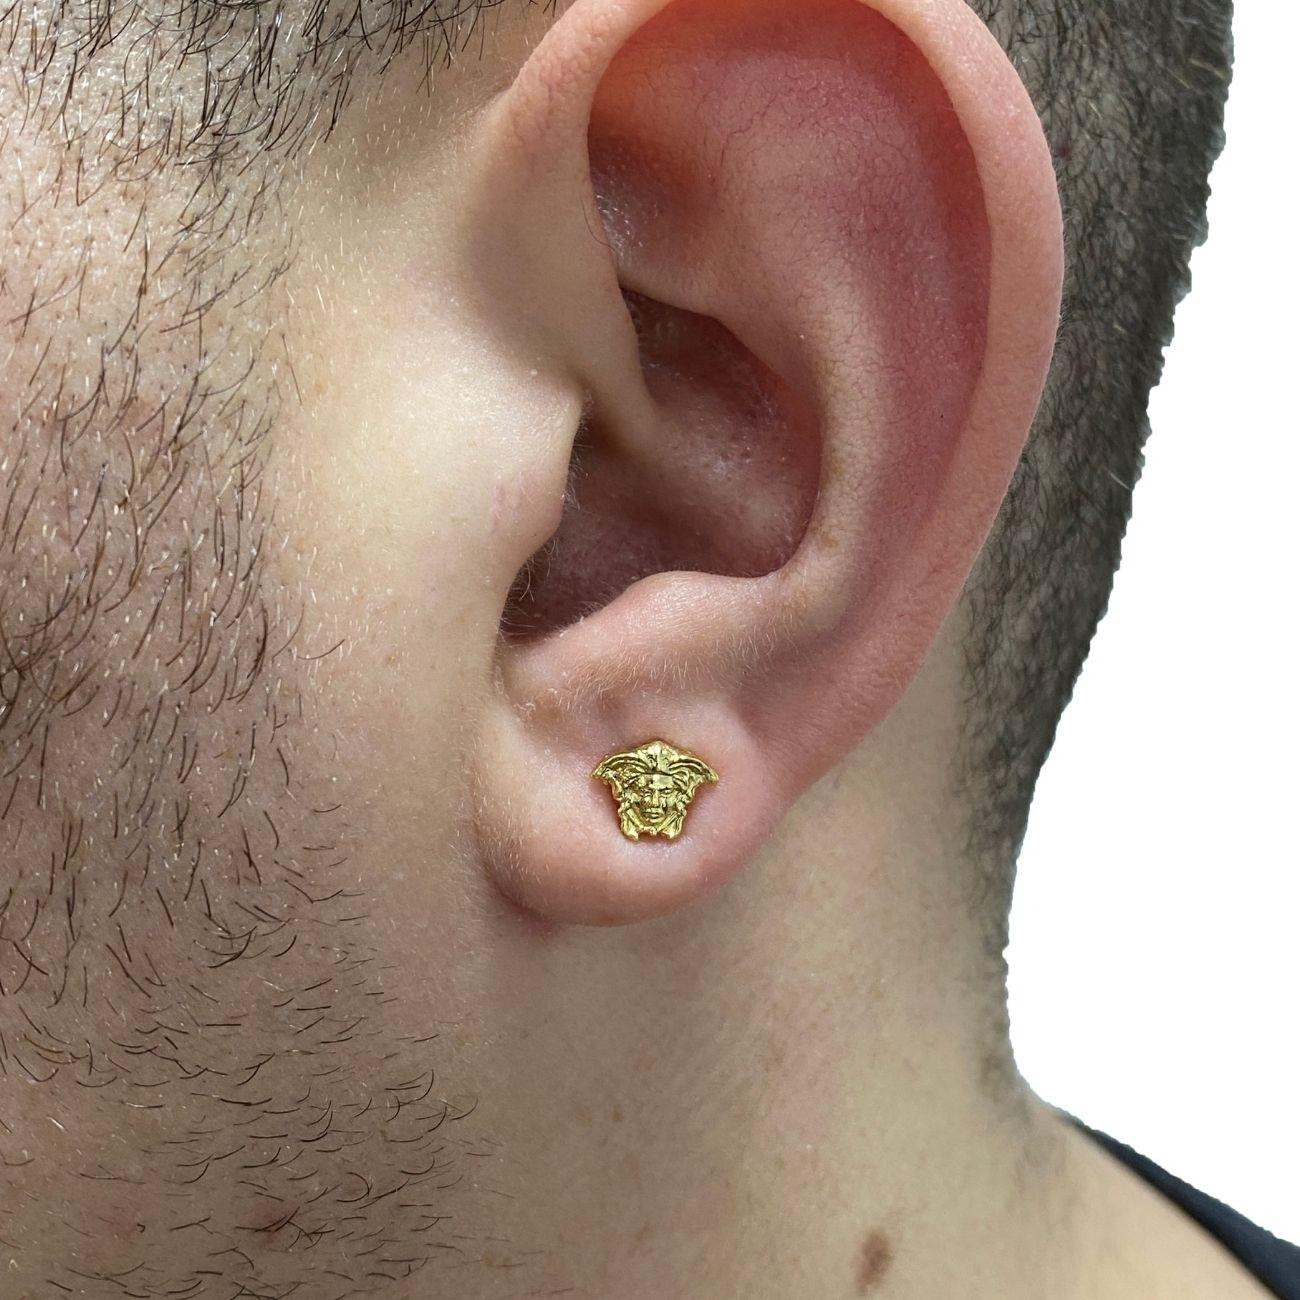 Brinco Rosto Medusa (0,7cmX0,9cm) (Banho Ouro 24k)